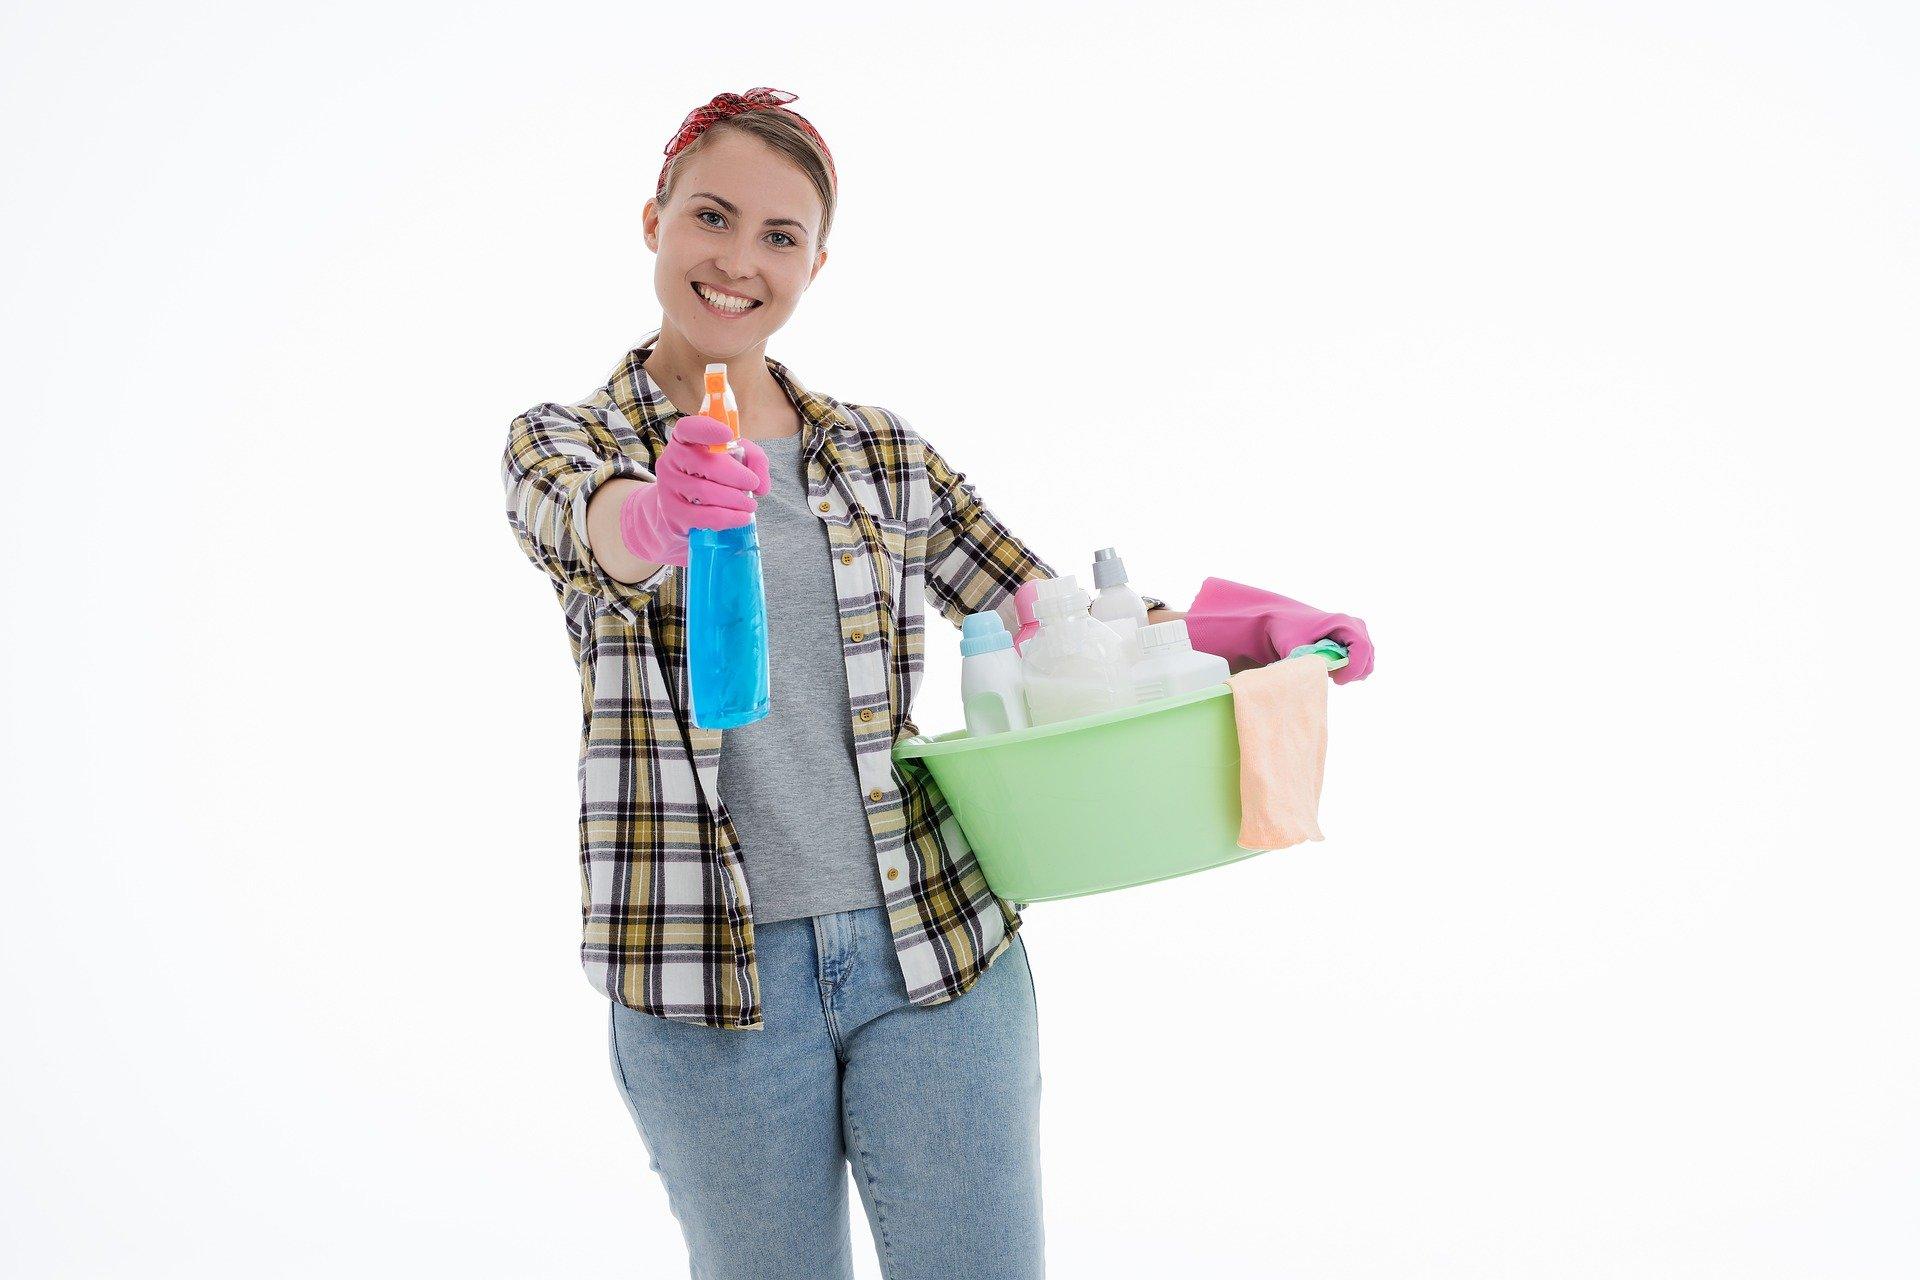 Foto de uma mulher com uma bacia e produtos de limpeza na mão. Imagem ilustrativa para o texto como remover mancha de gordura.